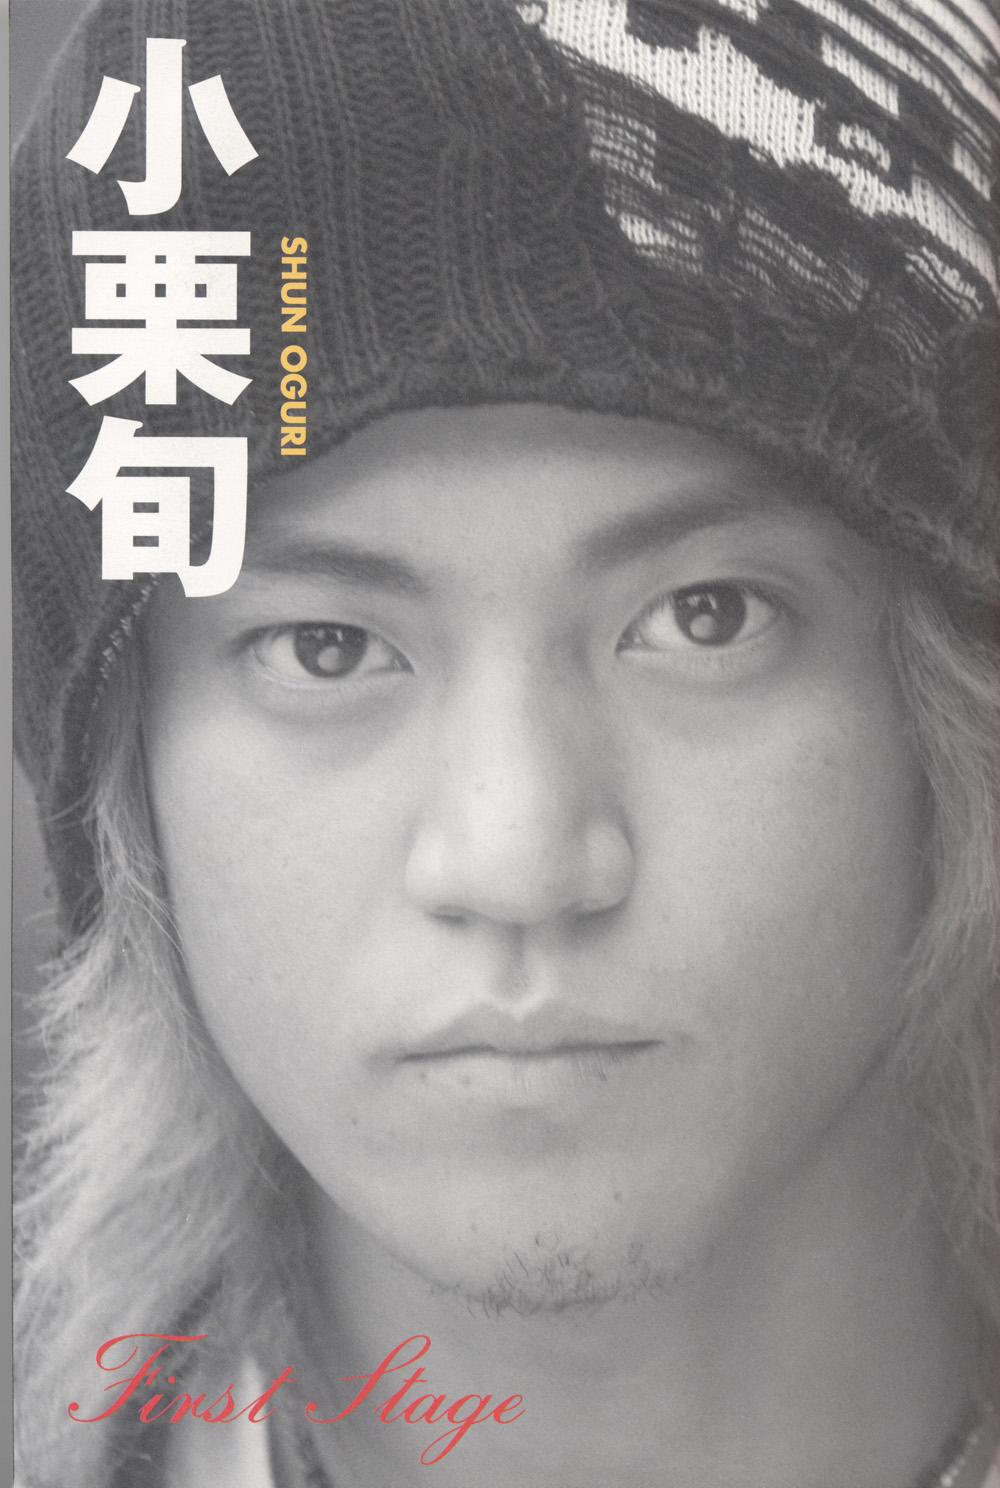 Oguri shun First Stage - Shun Oguri    Oguri Shun Photo (27848602 ...